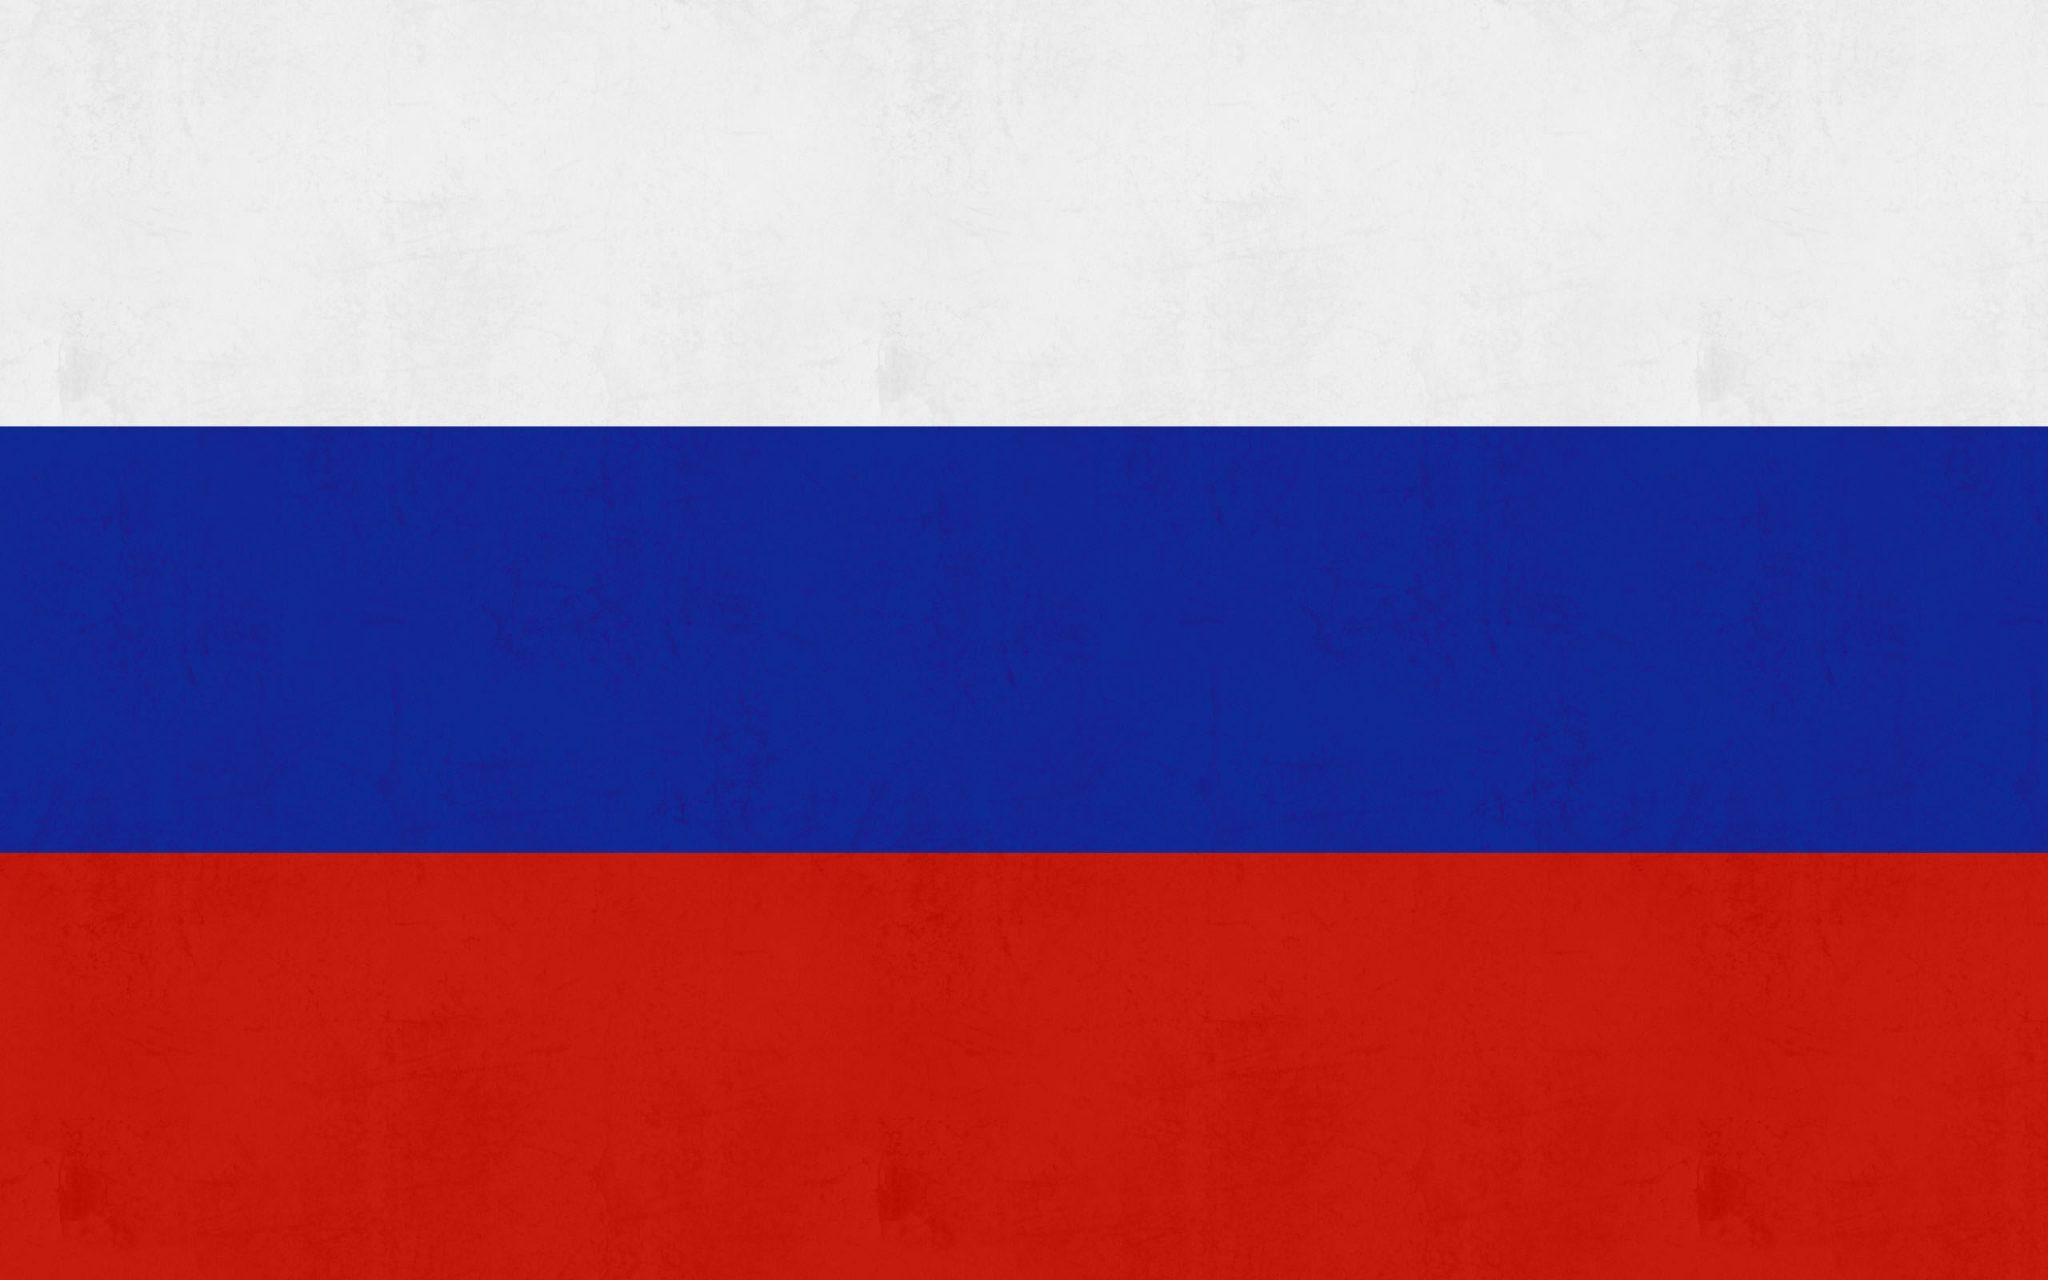 SberCloud has lift off